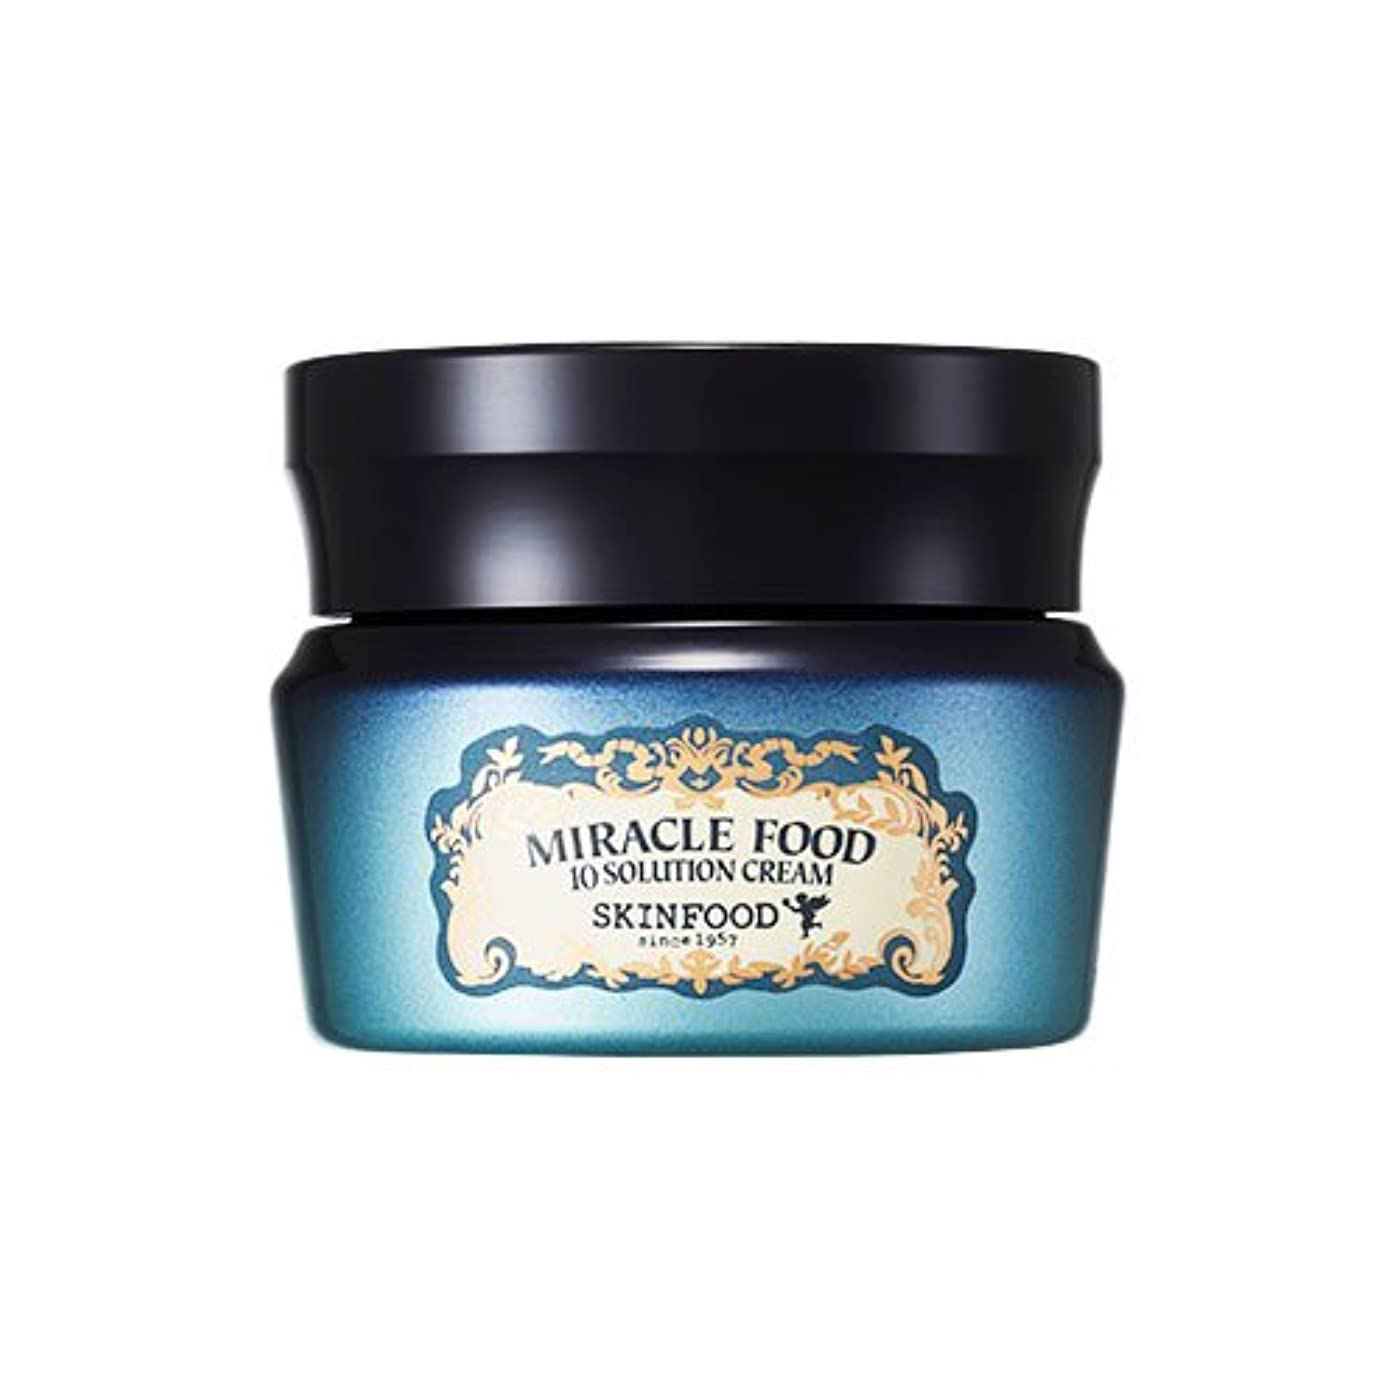 秘密の報告書死すべきSkinfood ミラクルフード10ソリューションクリーム(美白効果としわ防止効果) / Miracle Food 10 Solution Cream (Skin-Brightening and Anti-Wrinkle...